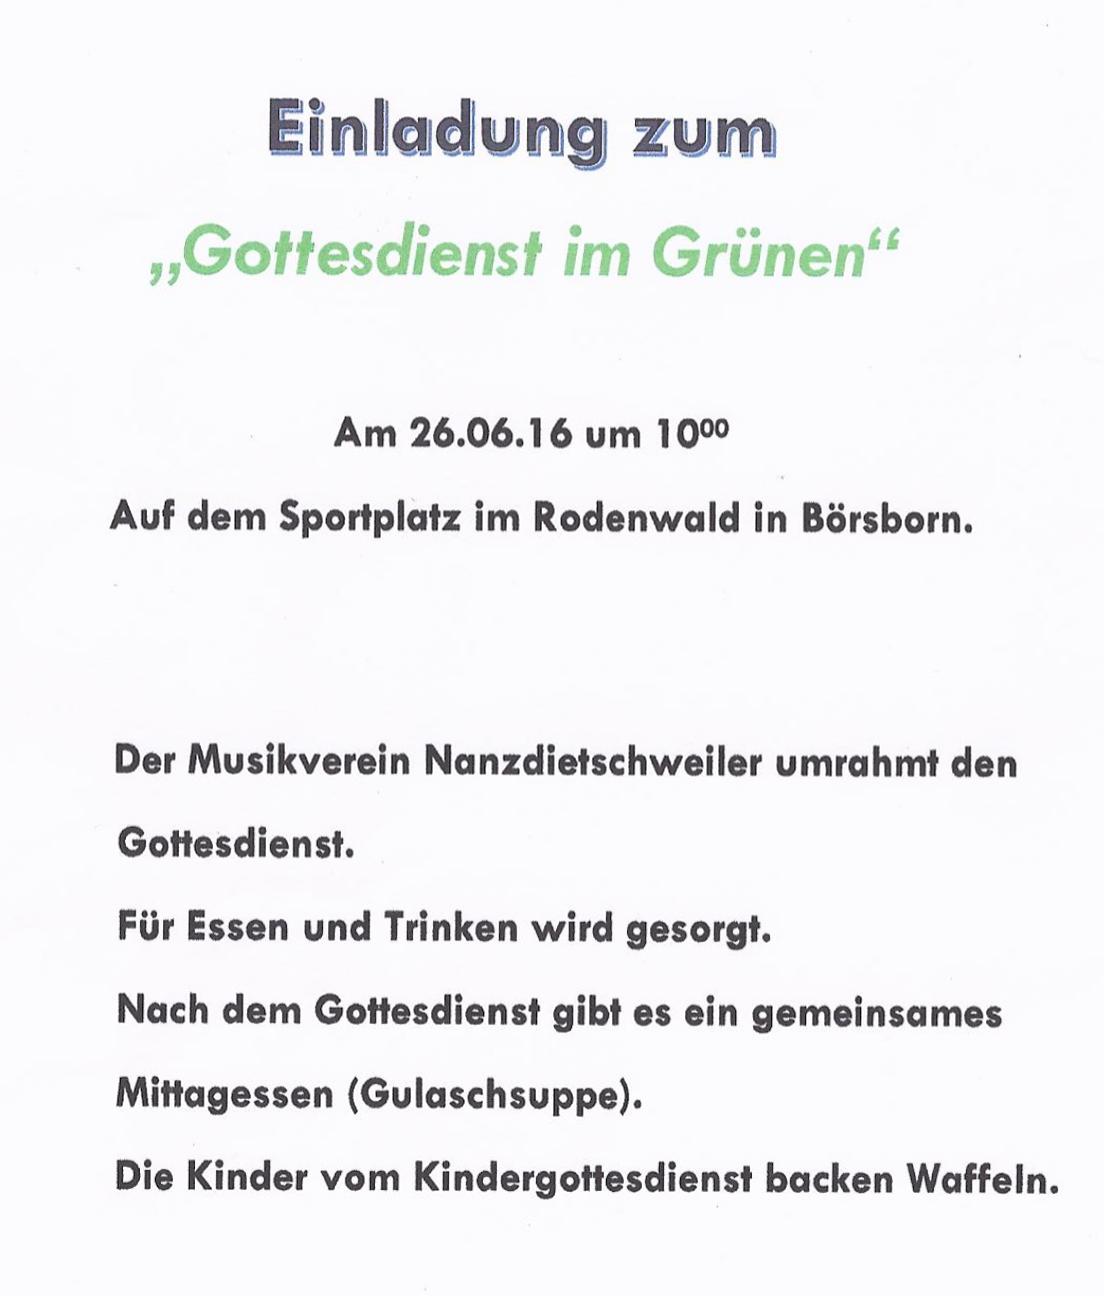 """prot.kirchengemeinde - einladung zum """"gottesdienst im grünen"""", Einladungsentwurf"""